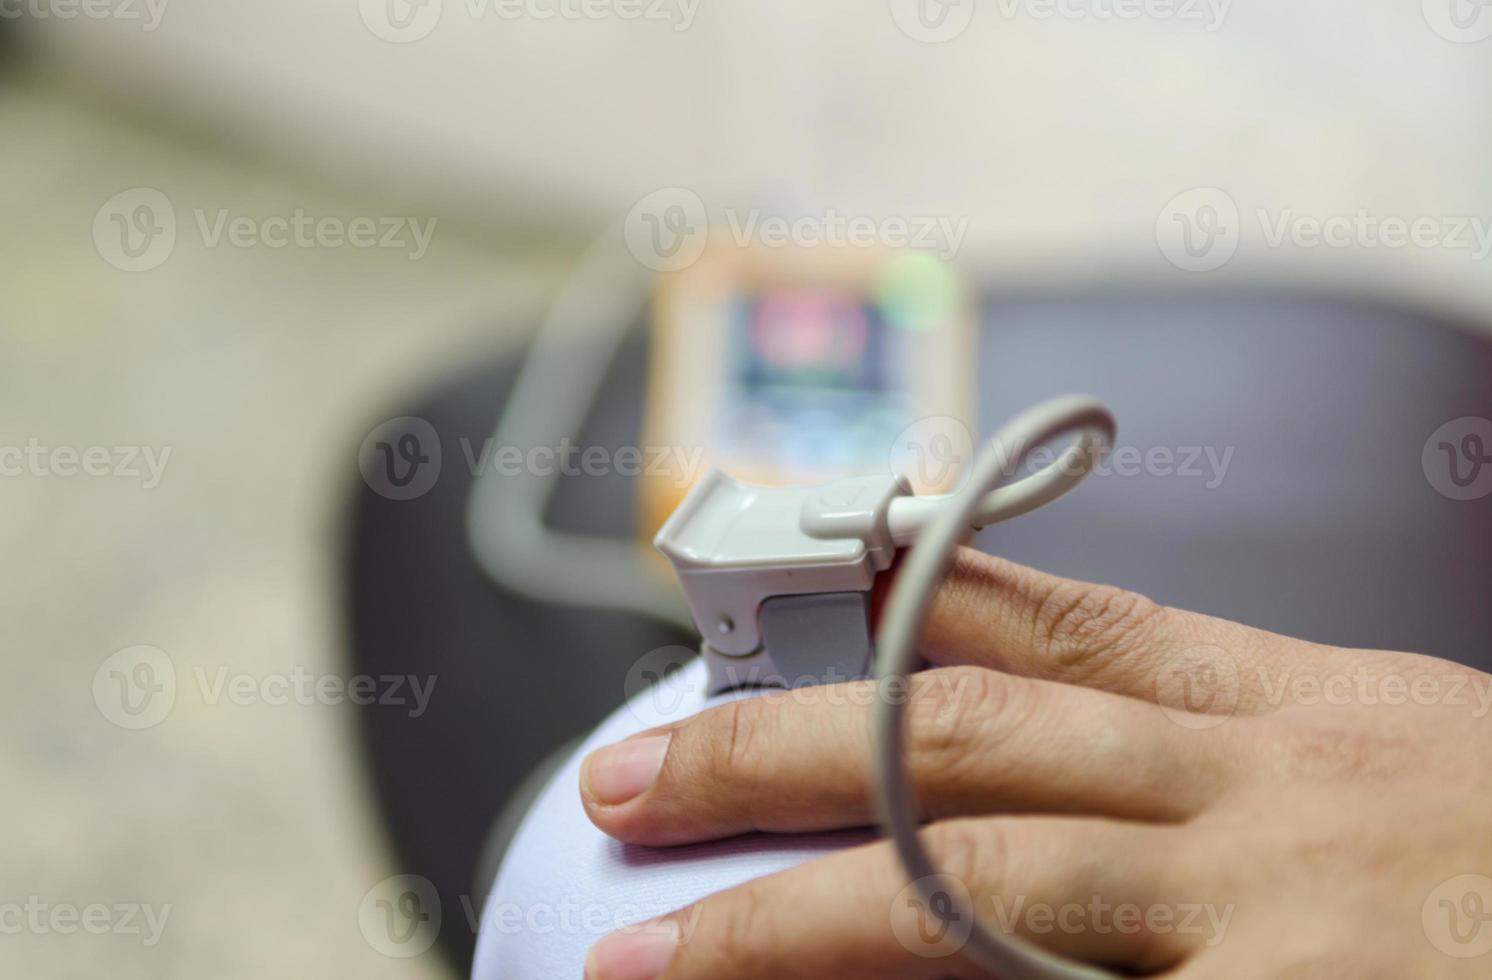 medizinische Geräte und Sauerstoff foto